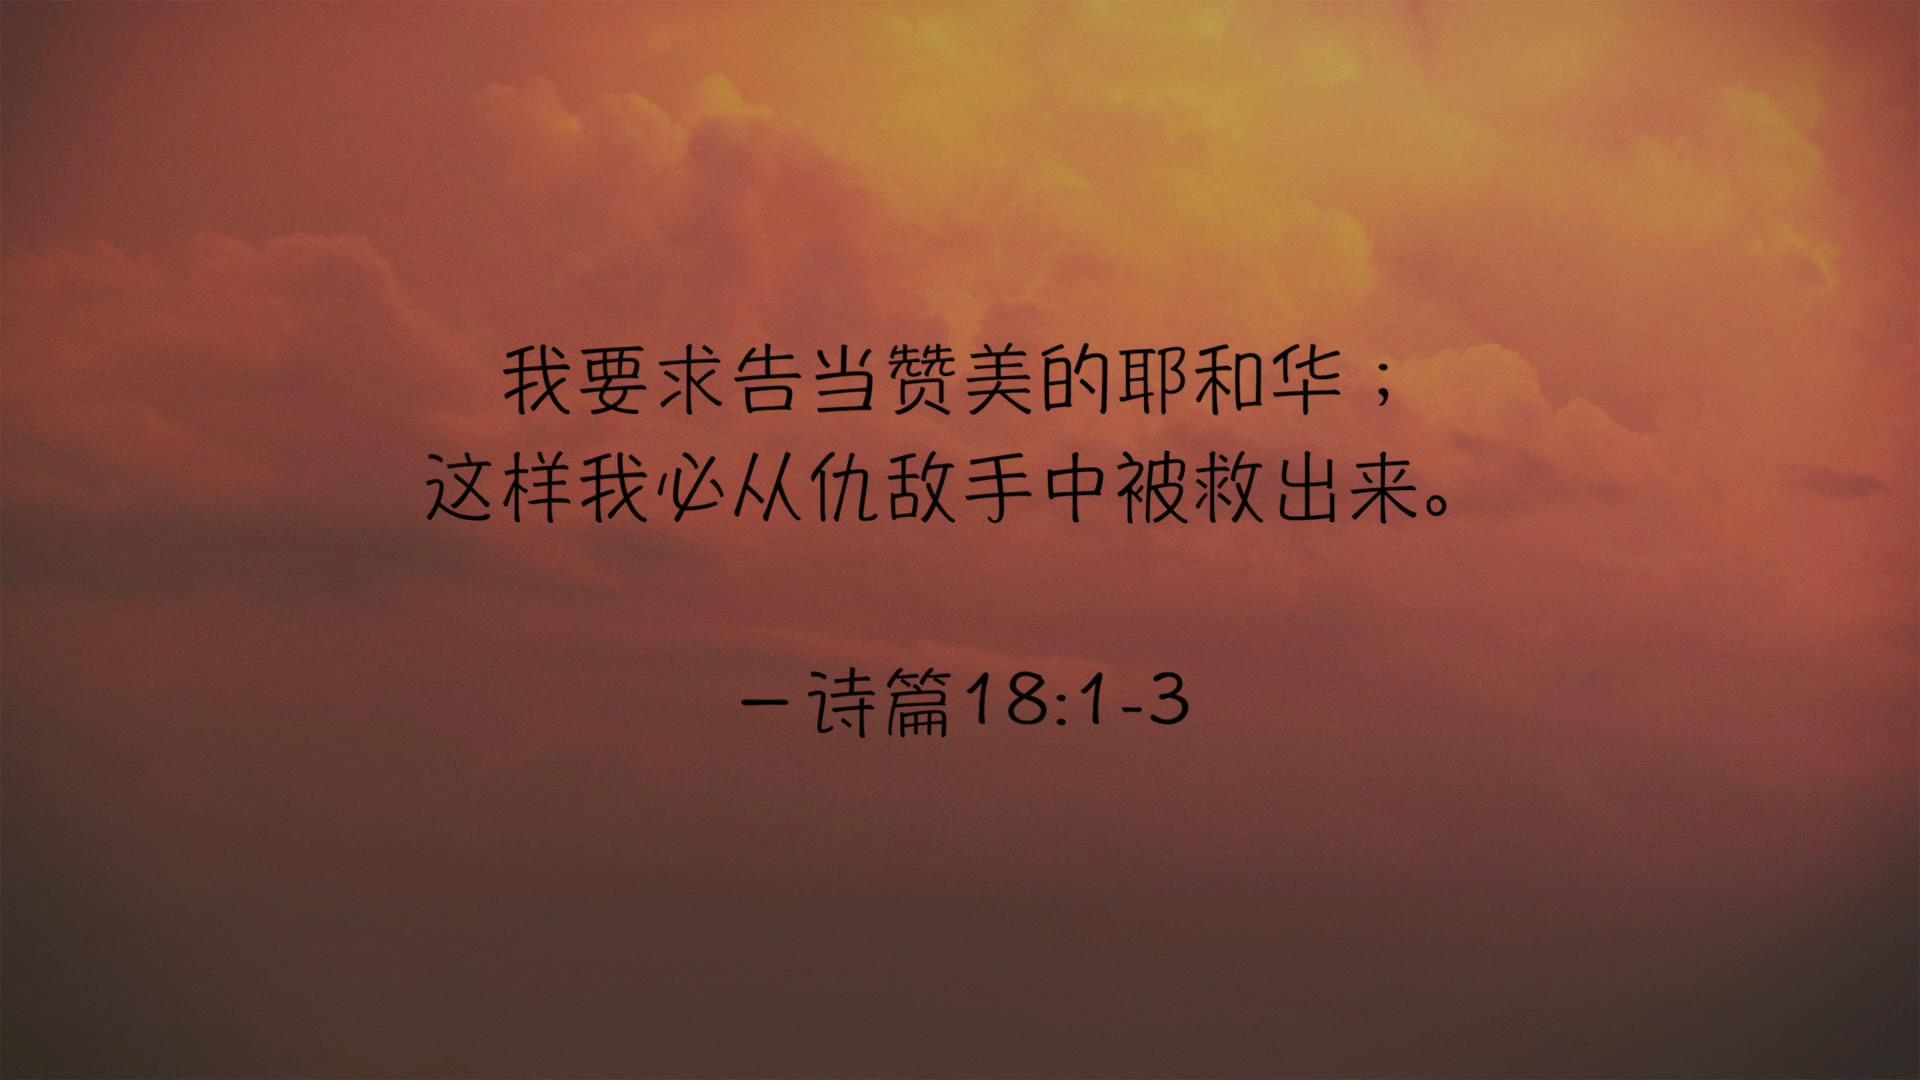 圣经三分钟 诗篇18_20181218215309.JPG